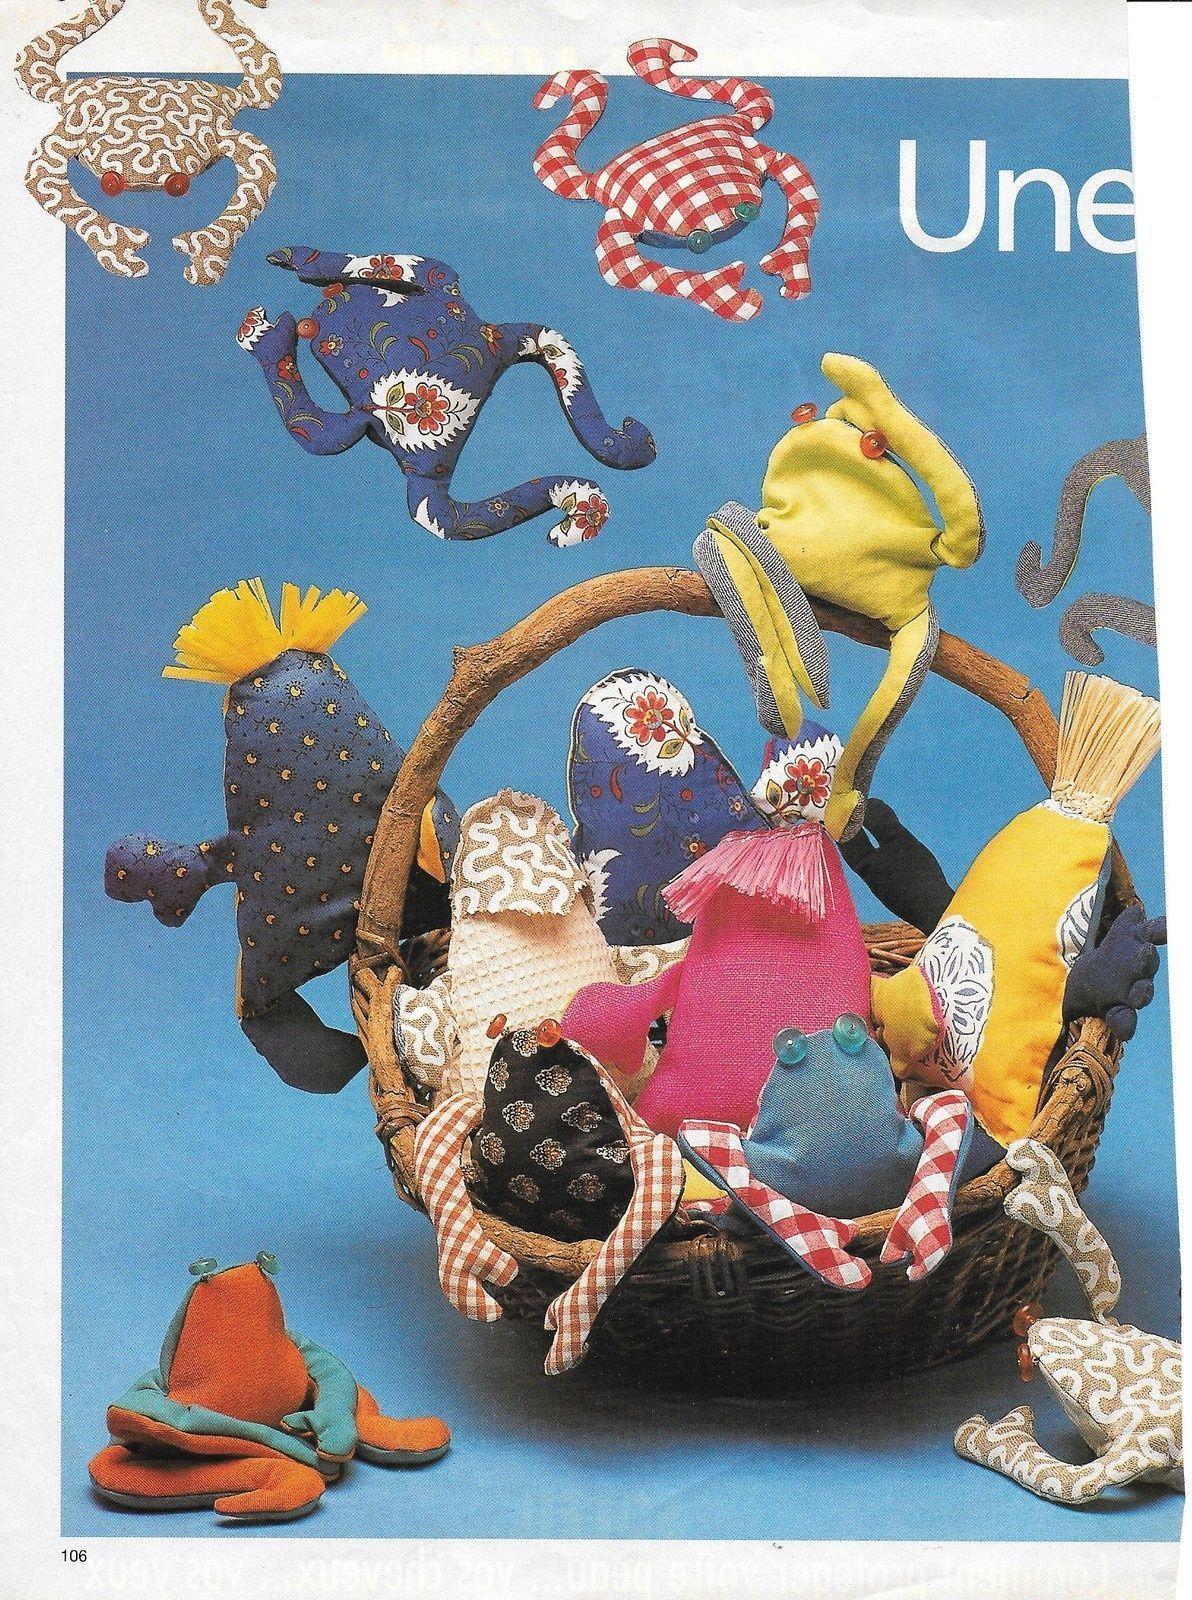 Ribambelle en restes de tissu grenouilles et bonshommes #chutedetissu Ribambelle en restes de tissu grenouilles et bonshommes #chutedetissu Ribambelle en restes de tissu grenouilles et bonshommes #chutedetissu Ribambelle en restes de tissu grenouilles et bonshommes #chutedetissu